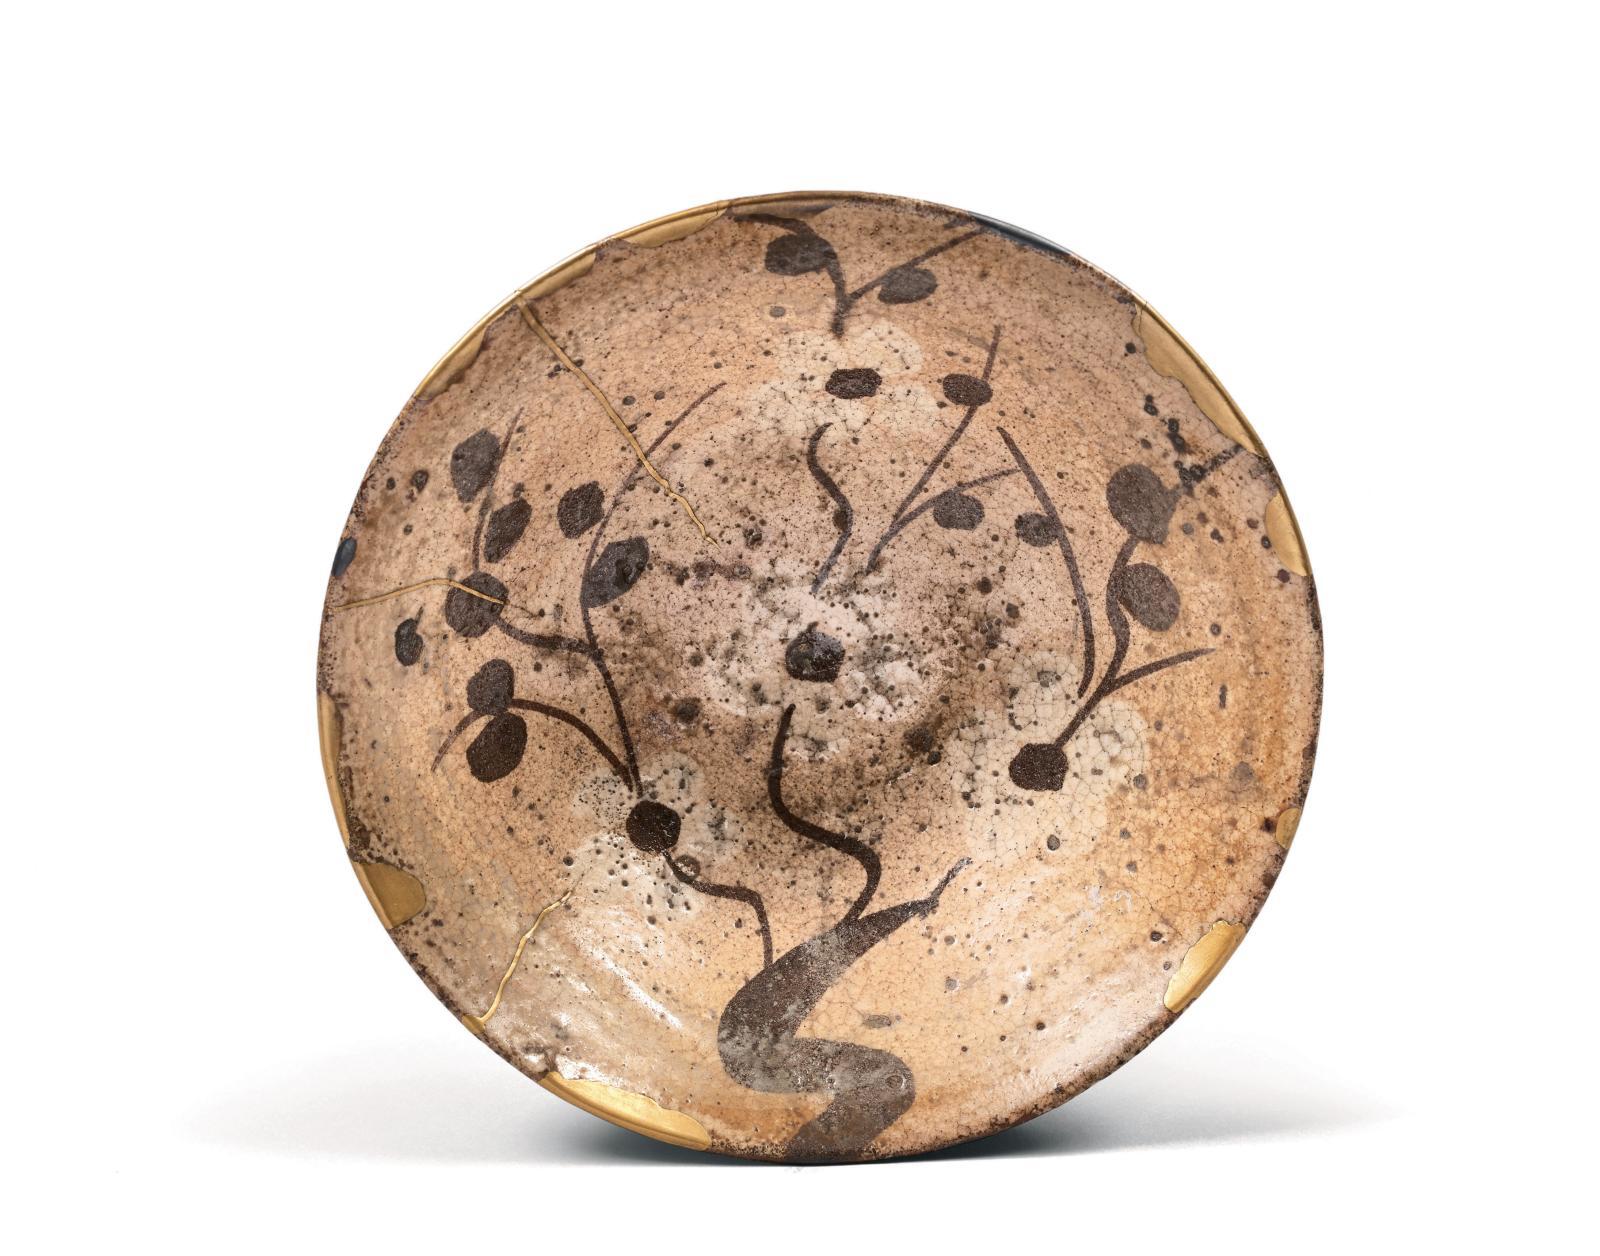 Époque Momo Yama-Edo (1573-1603) XVIe-XVIIesiècle, fours de Karatsu. Chawan de forme «sugi nari», grès émaillé blanc rosé partiellement craquelé, déc